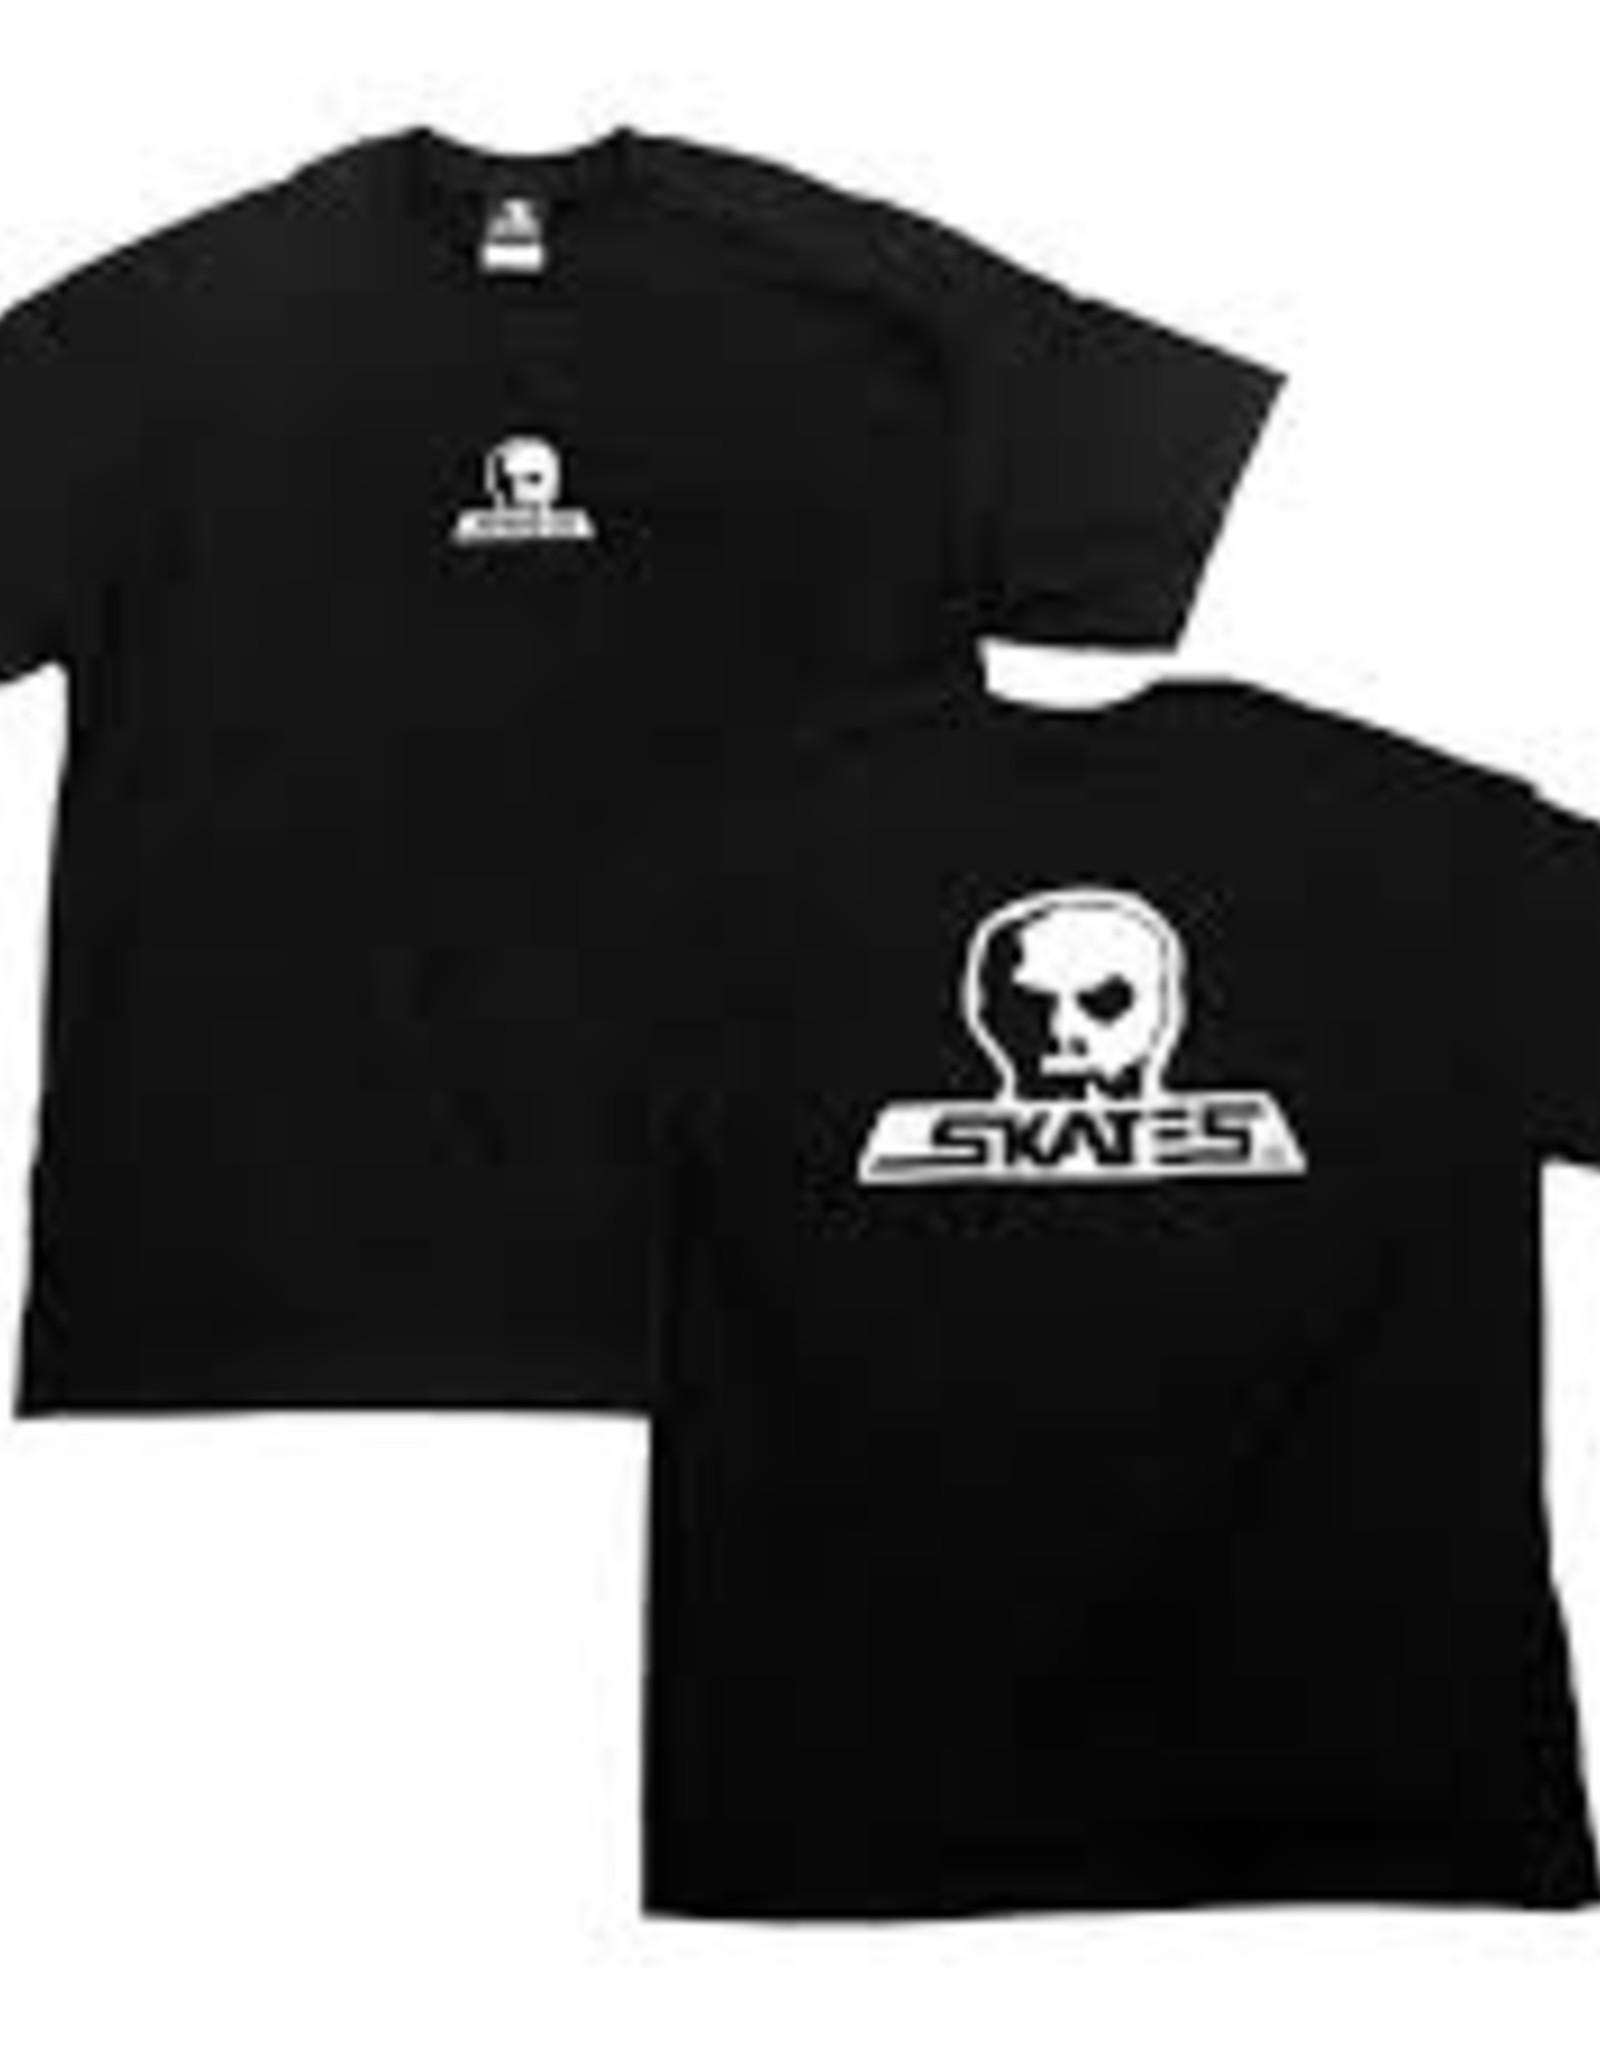 Skull Skates Skull Skates T-Shirt White Logo